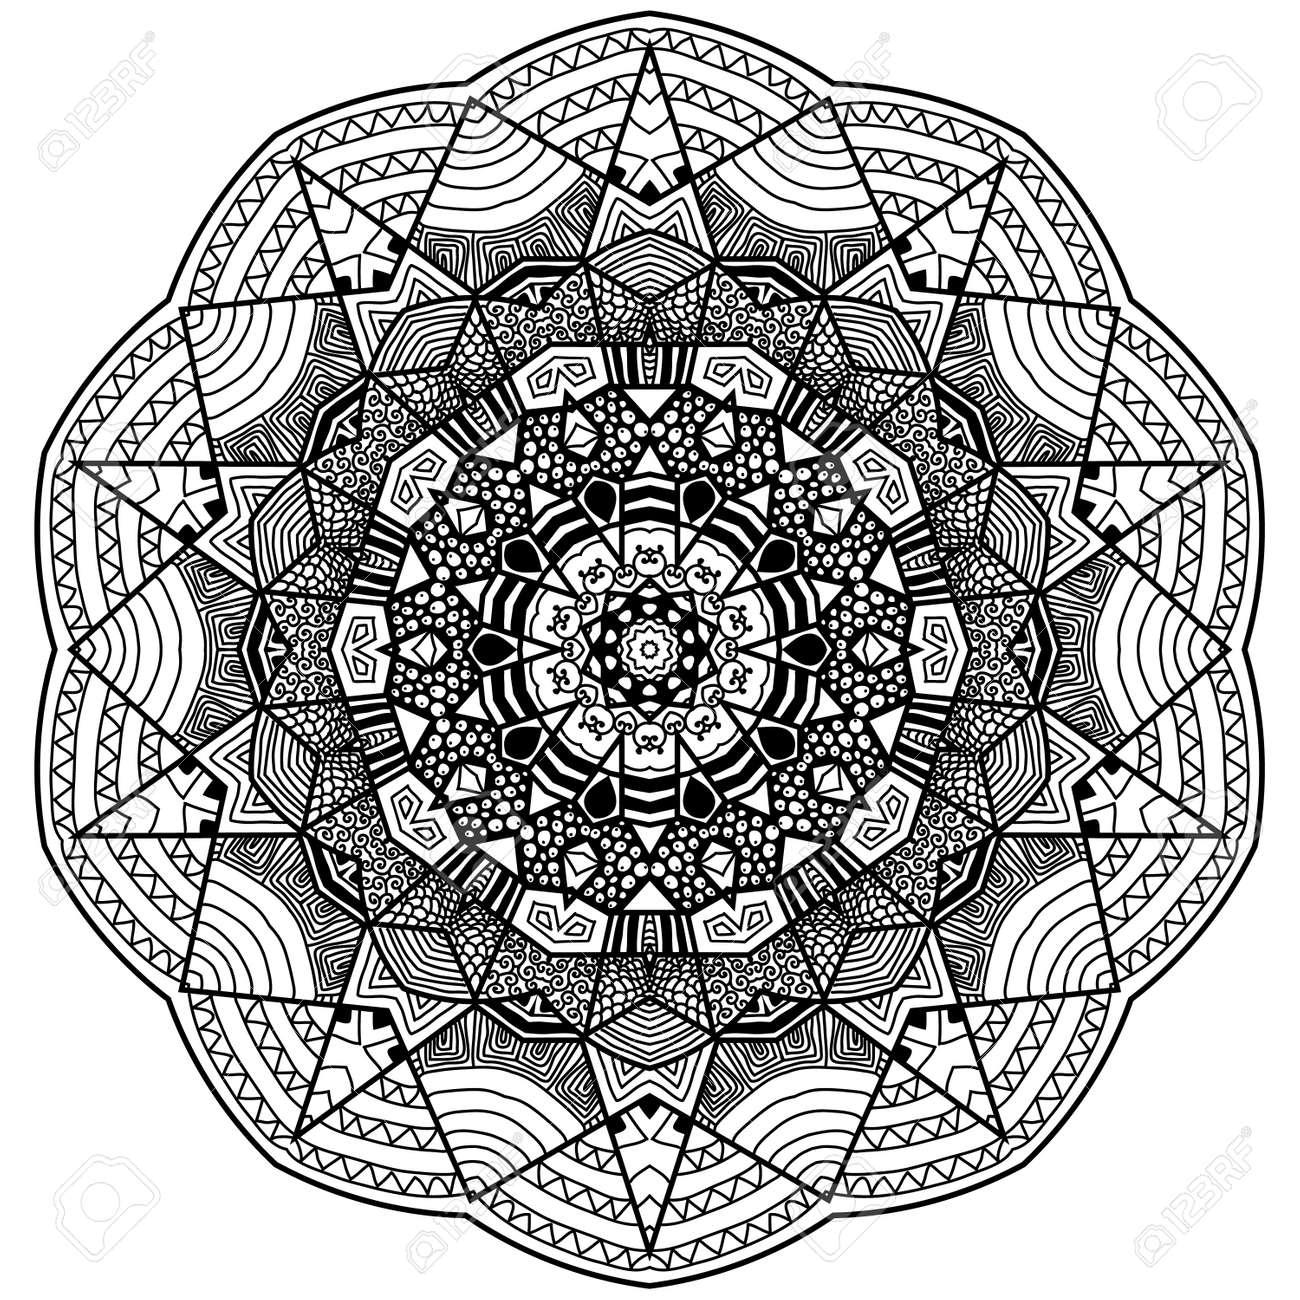 Banque d\u0027images , Mandala dans le style zentangle. Main mandala dessiné  avec des motifs dessinés à la main. Zentangle est auto activité apaisante.